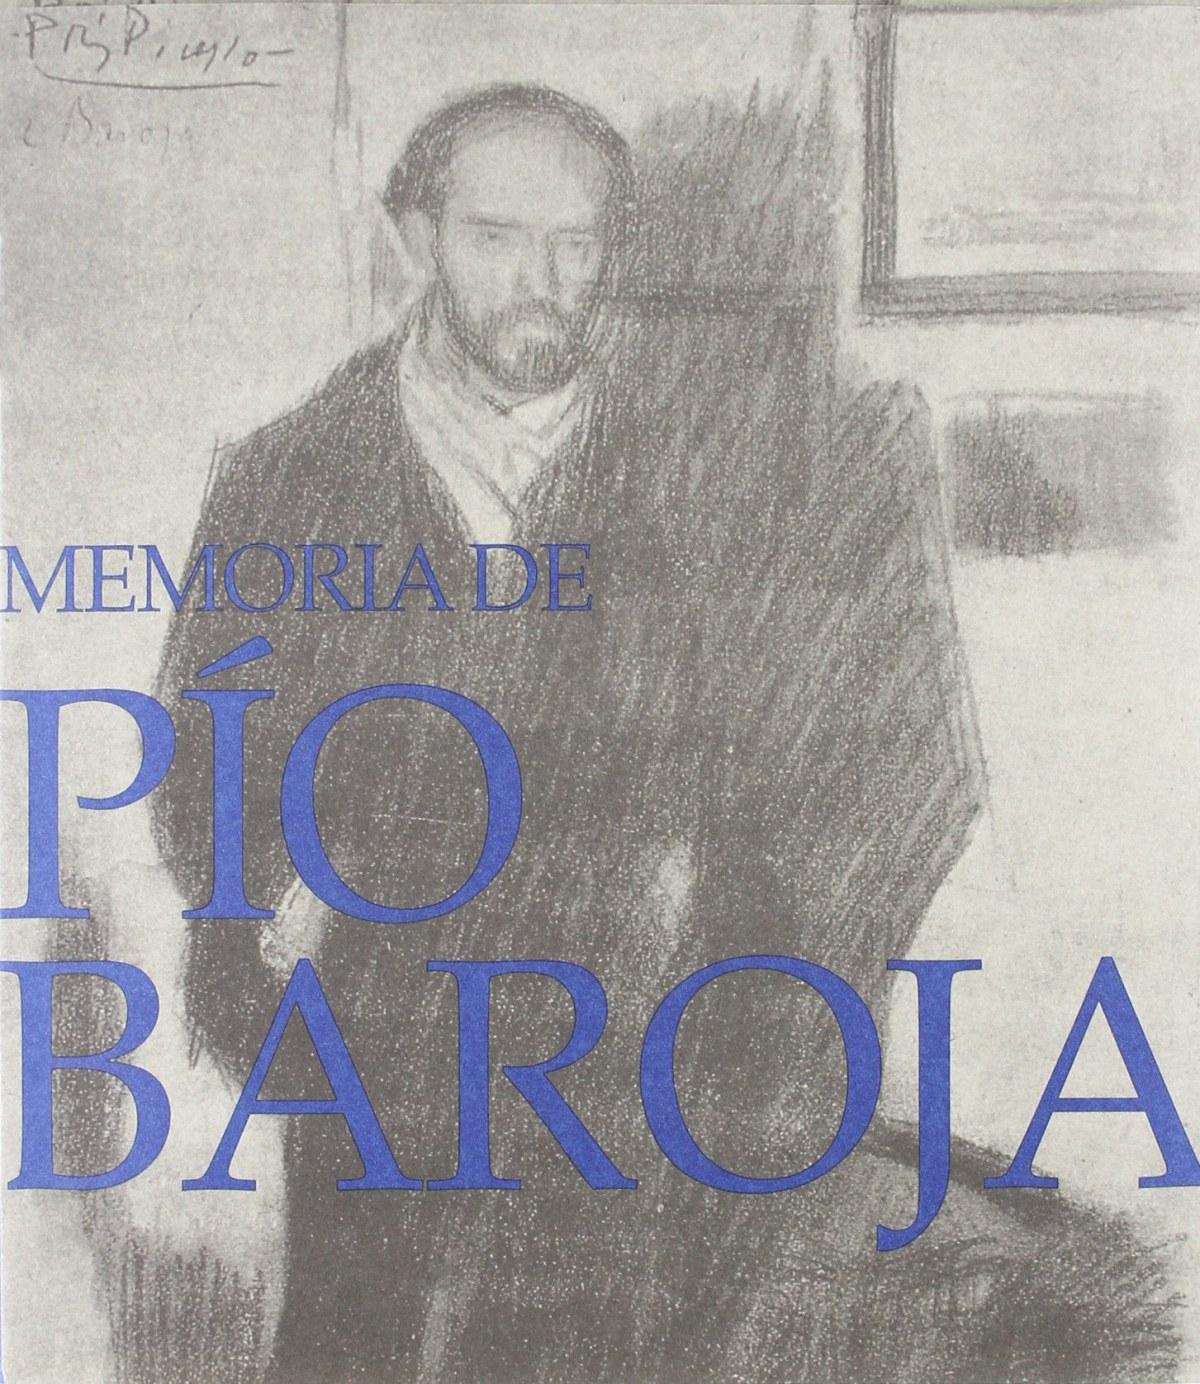 Memoria de pio baroja - Vv.Aa.